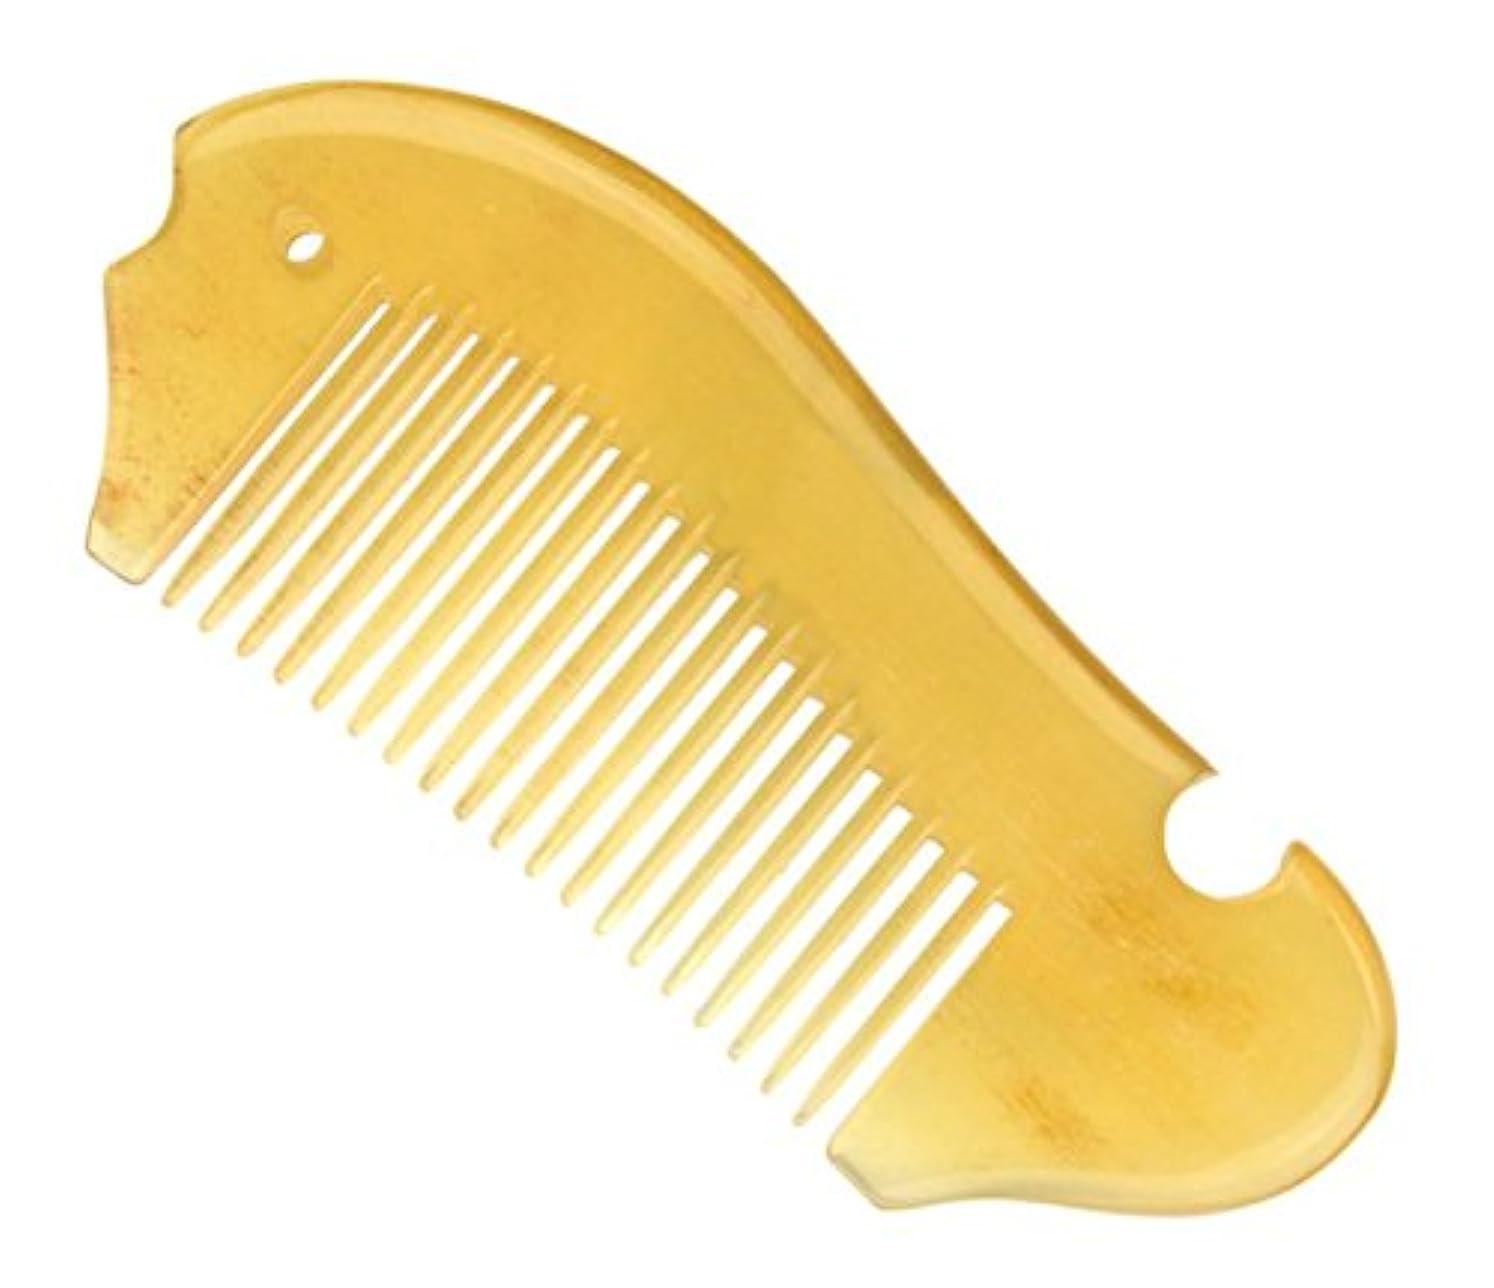 化学者ぜいたく代表する櫛型 プロも使う羊角かっさプレート マサージ用 血行改善 高級 天然 静電気防止 美髪 美顔 ボディ リンパマッサージ